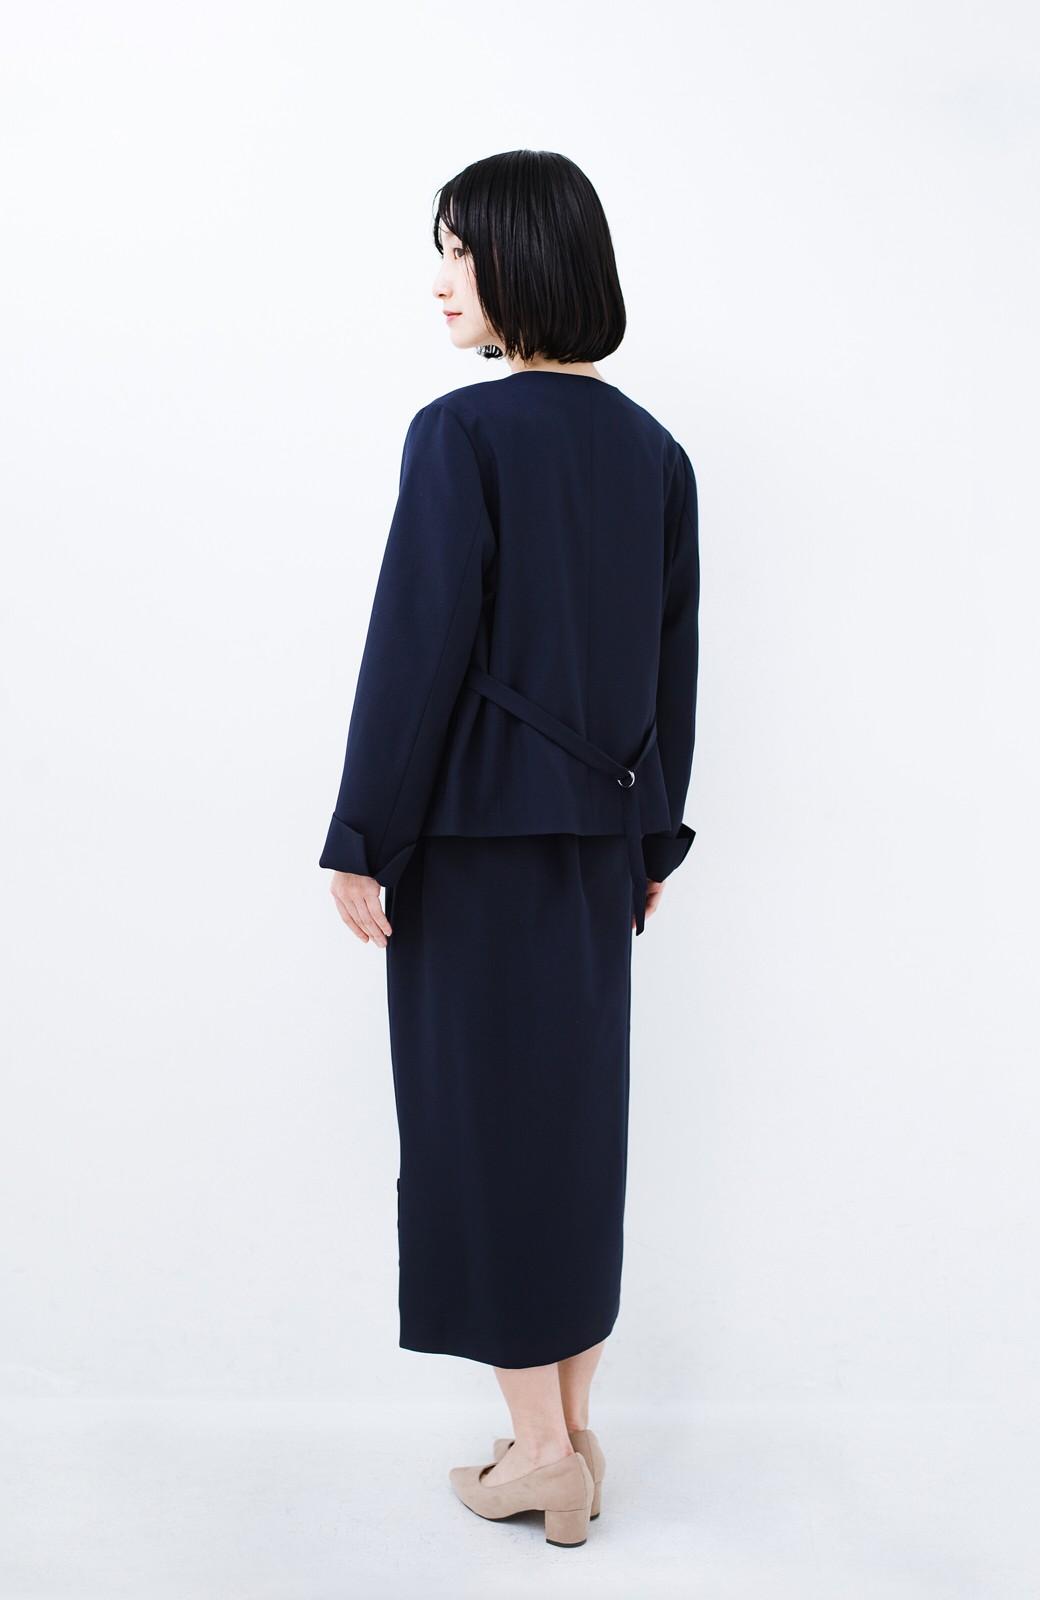 haco! 持っていると便利な野暮ったくならないフォーマルジャケット・スカートの2点セット <ダークネイビー>の商品写真7